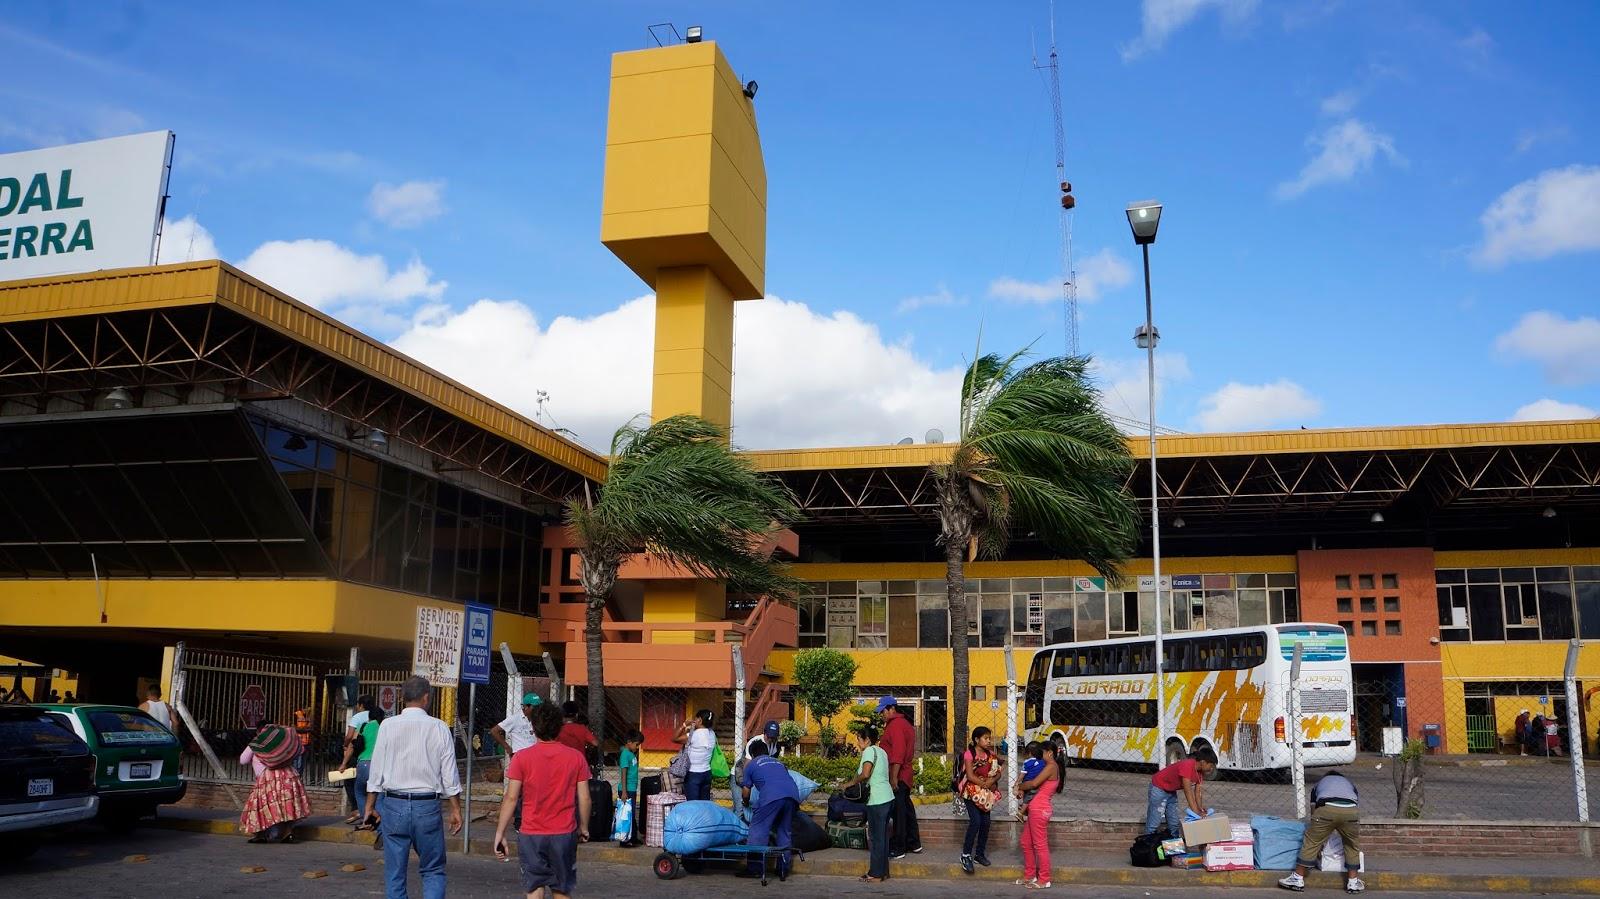 Casas en santa cruz bolivia for Casa la mansion santa cruz bolivia